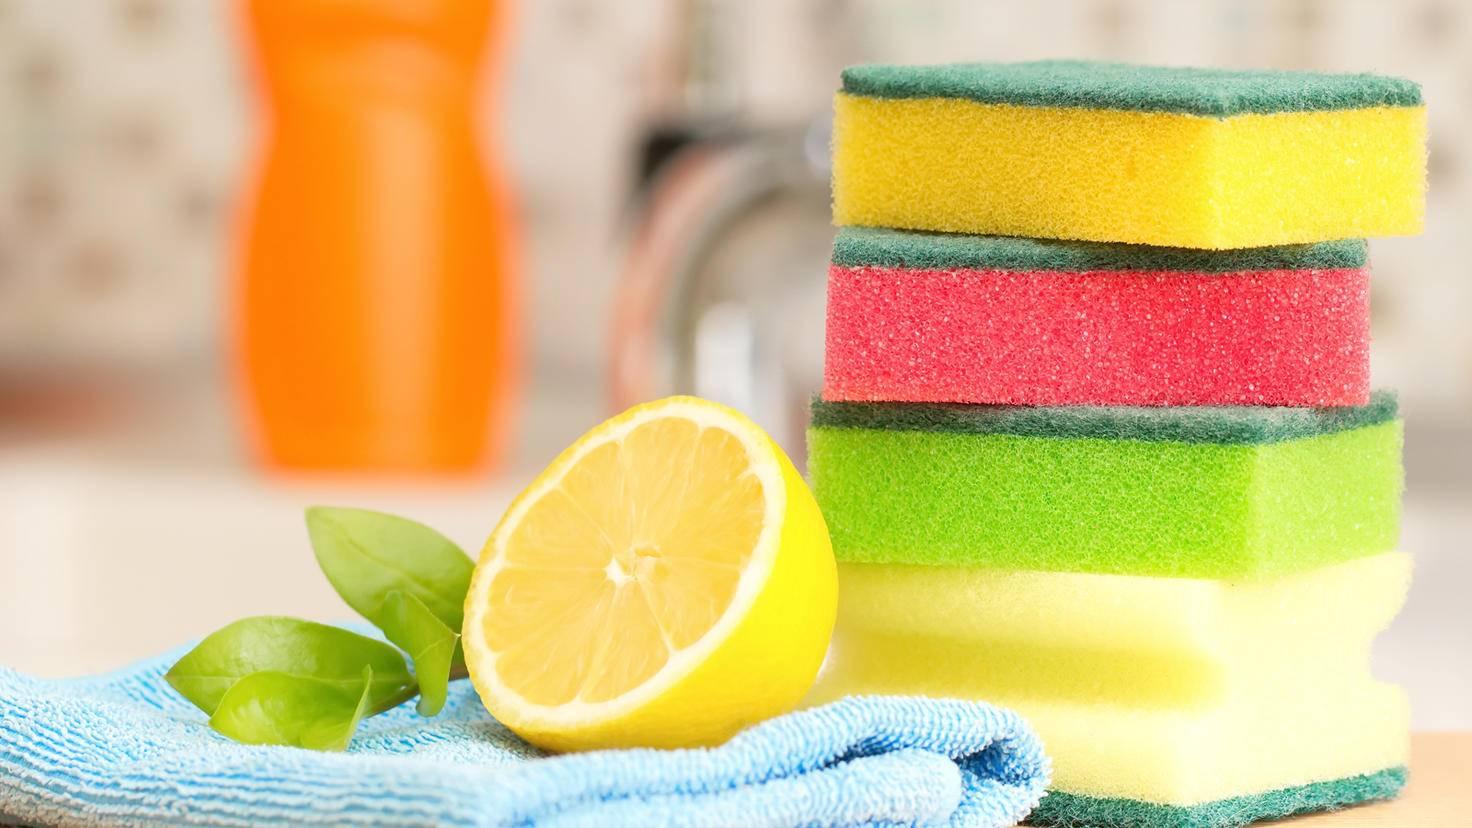 Zitrone-Putzen-Hausmittel-lisa870-AdobeStock_82566148